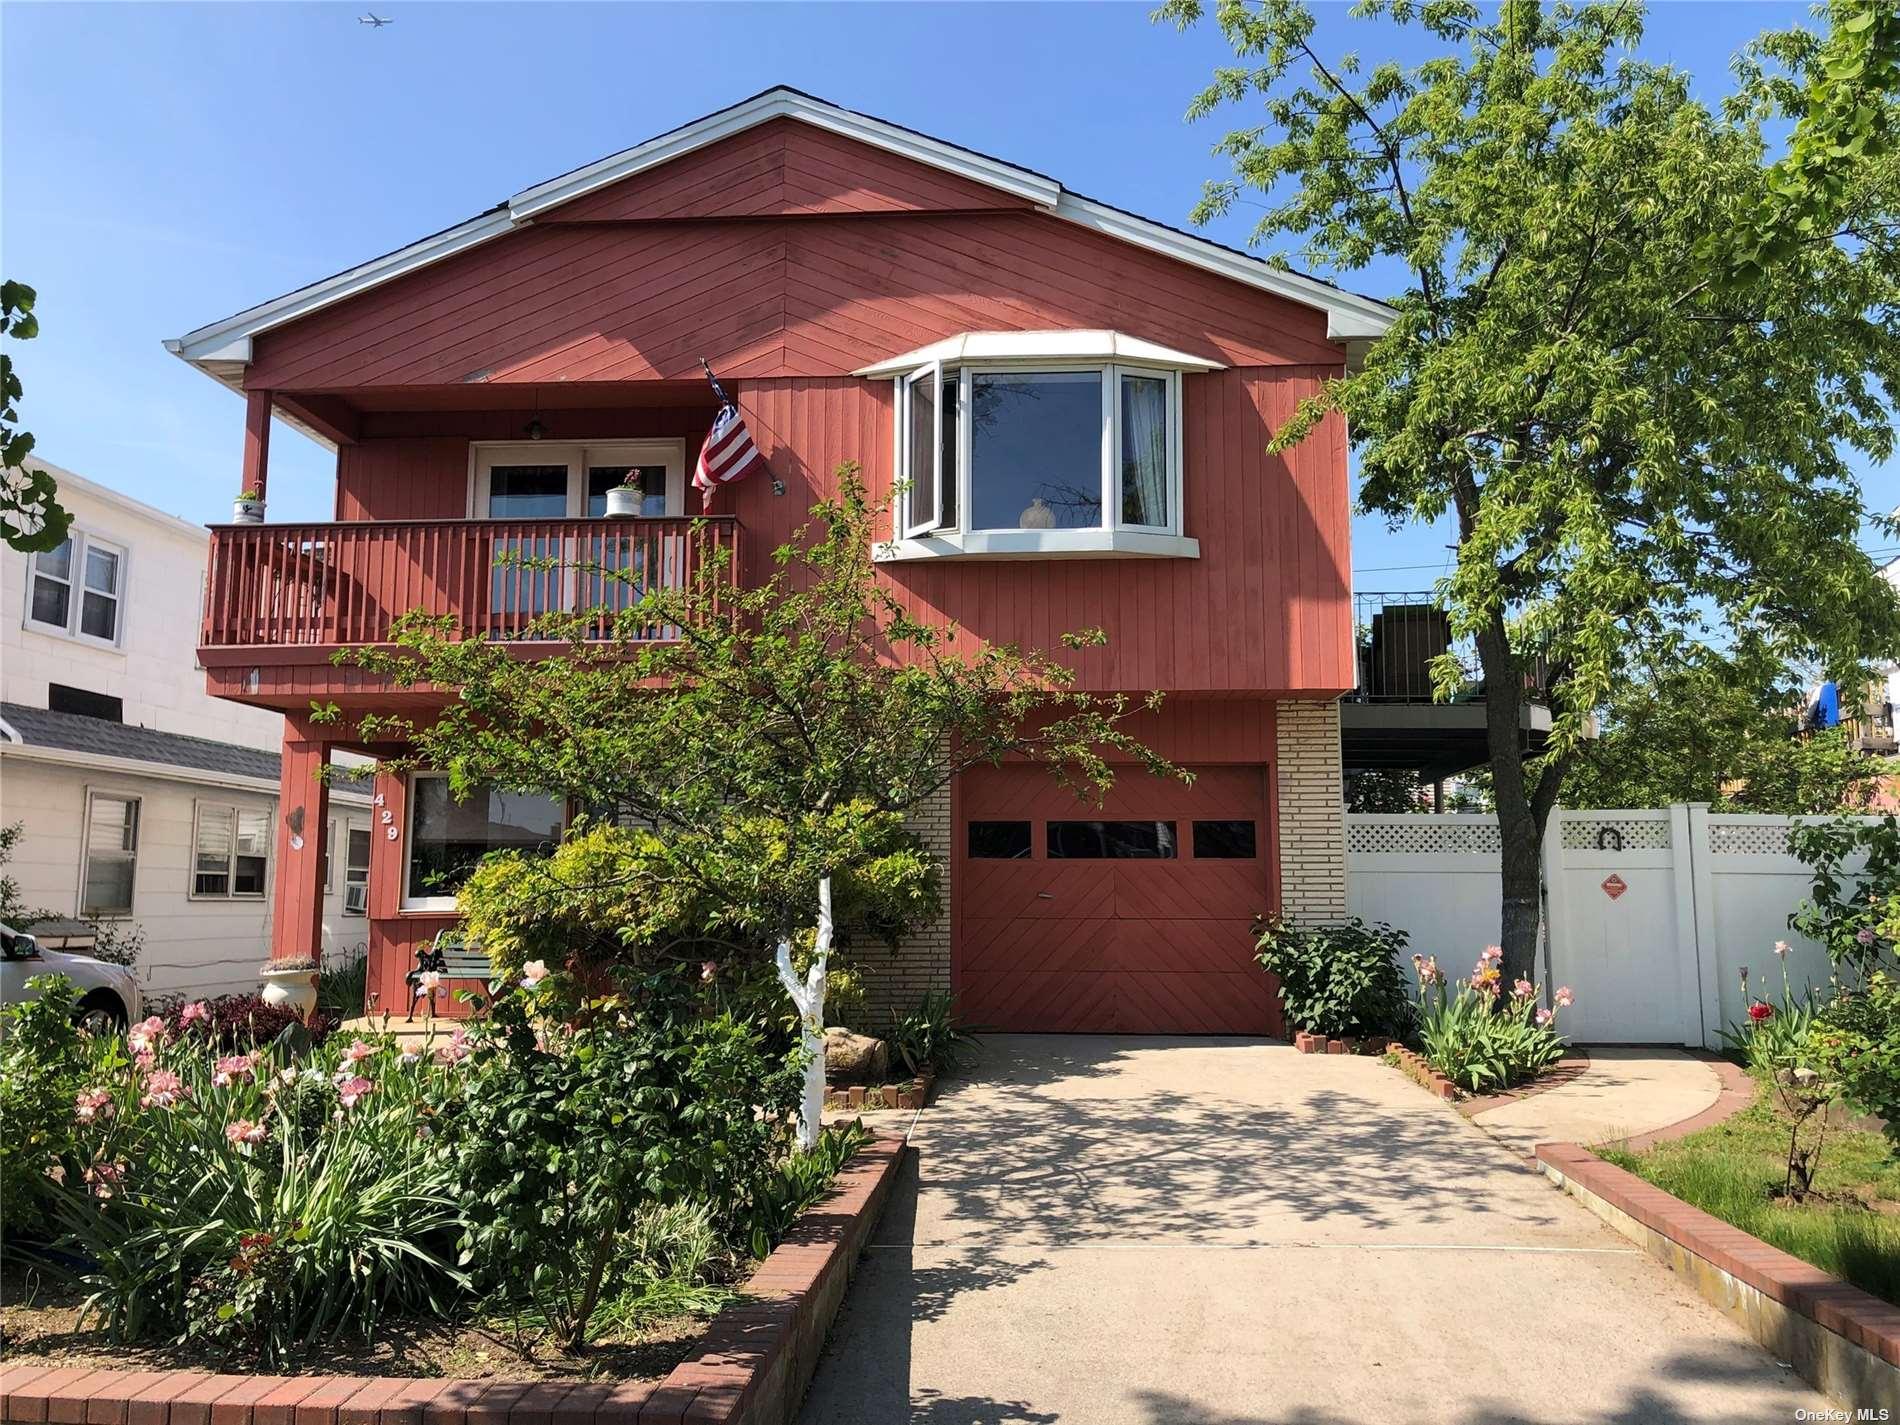 Photo of 429 E Park Avenue # upper, Long Beach, NY 11561, Long Beach, NY 11561